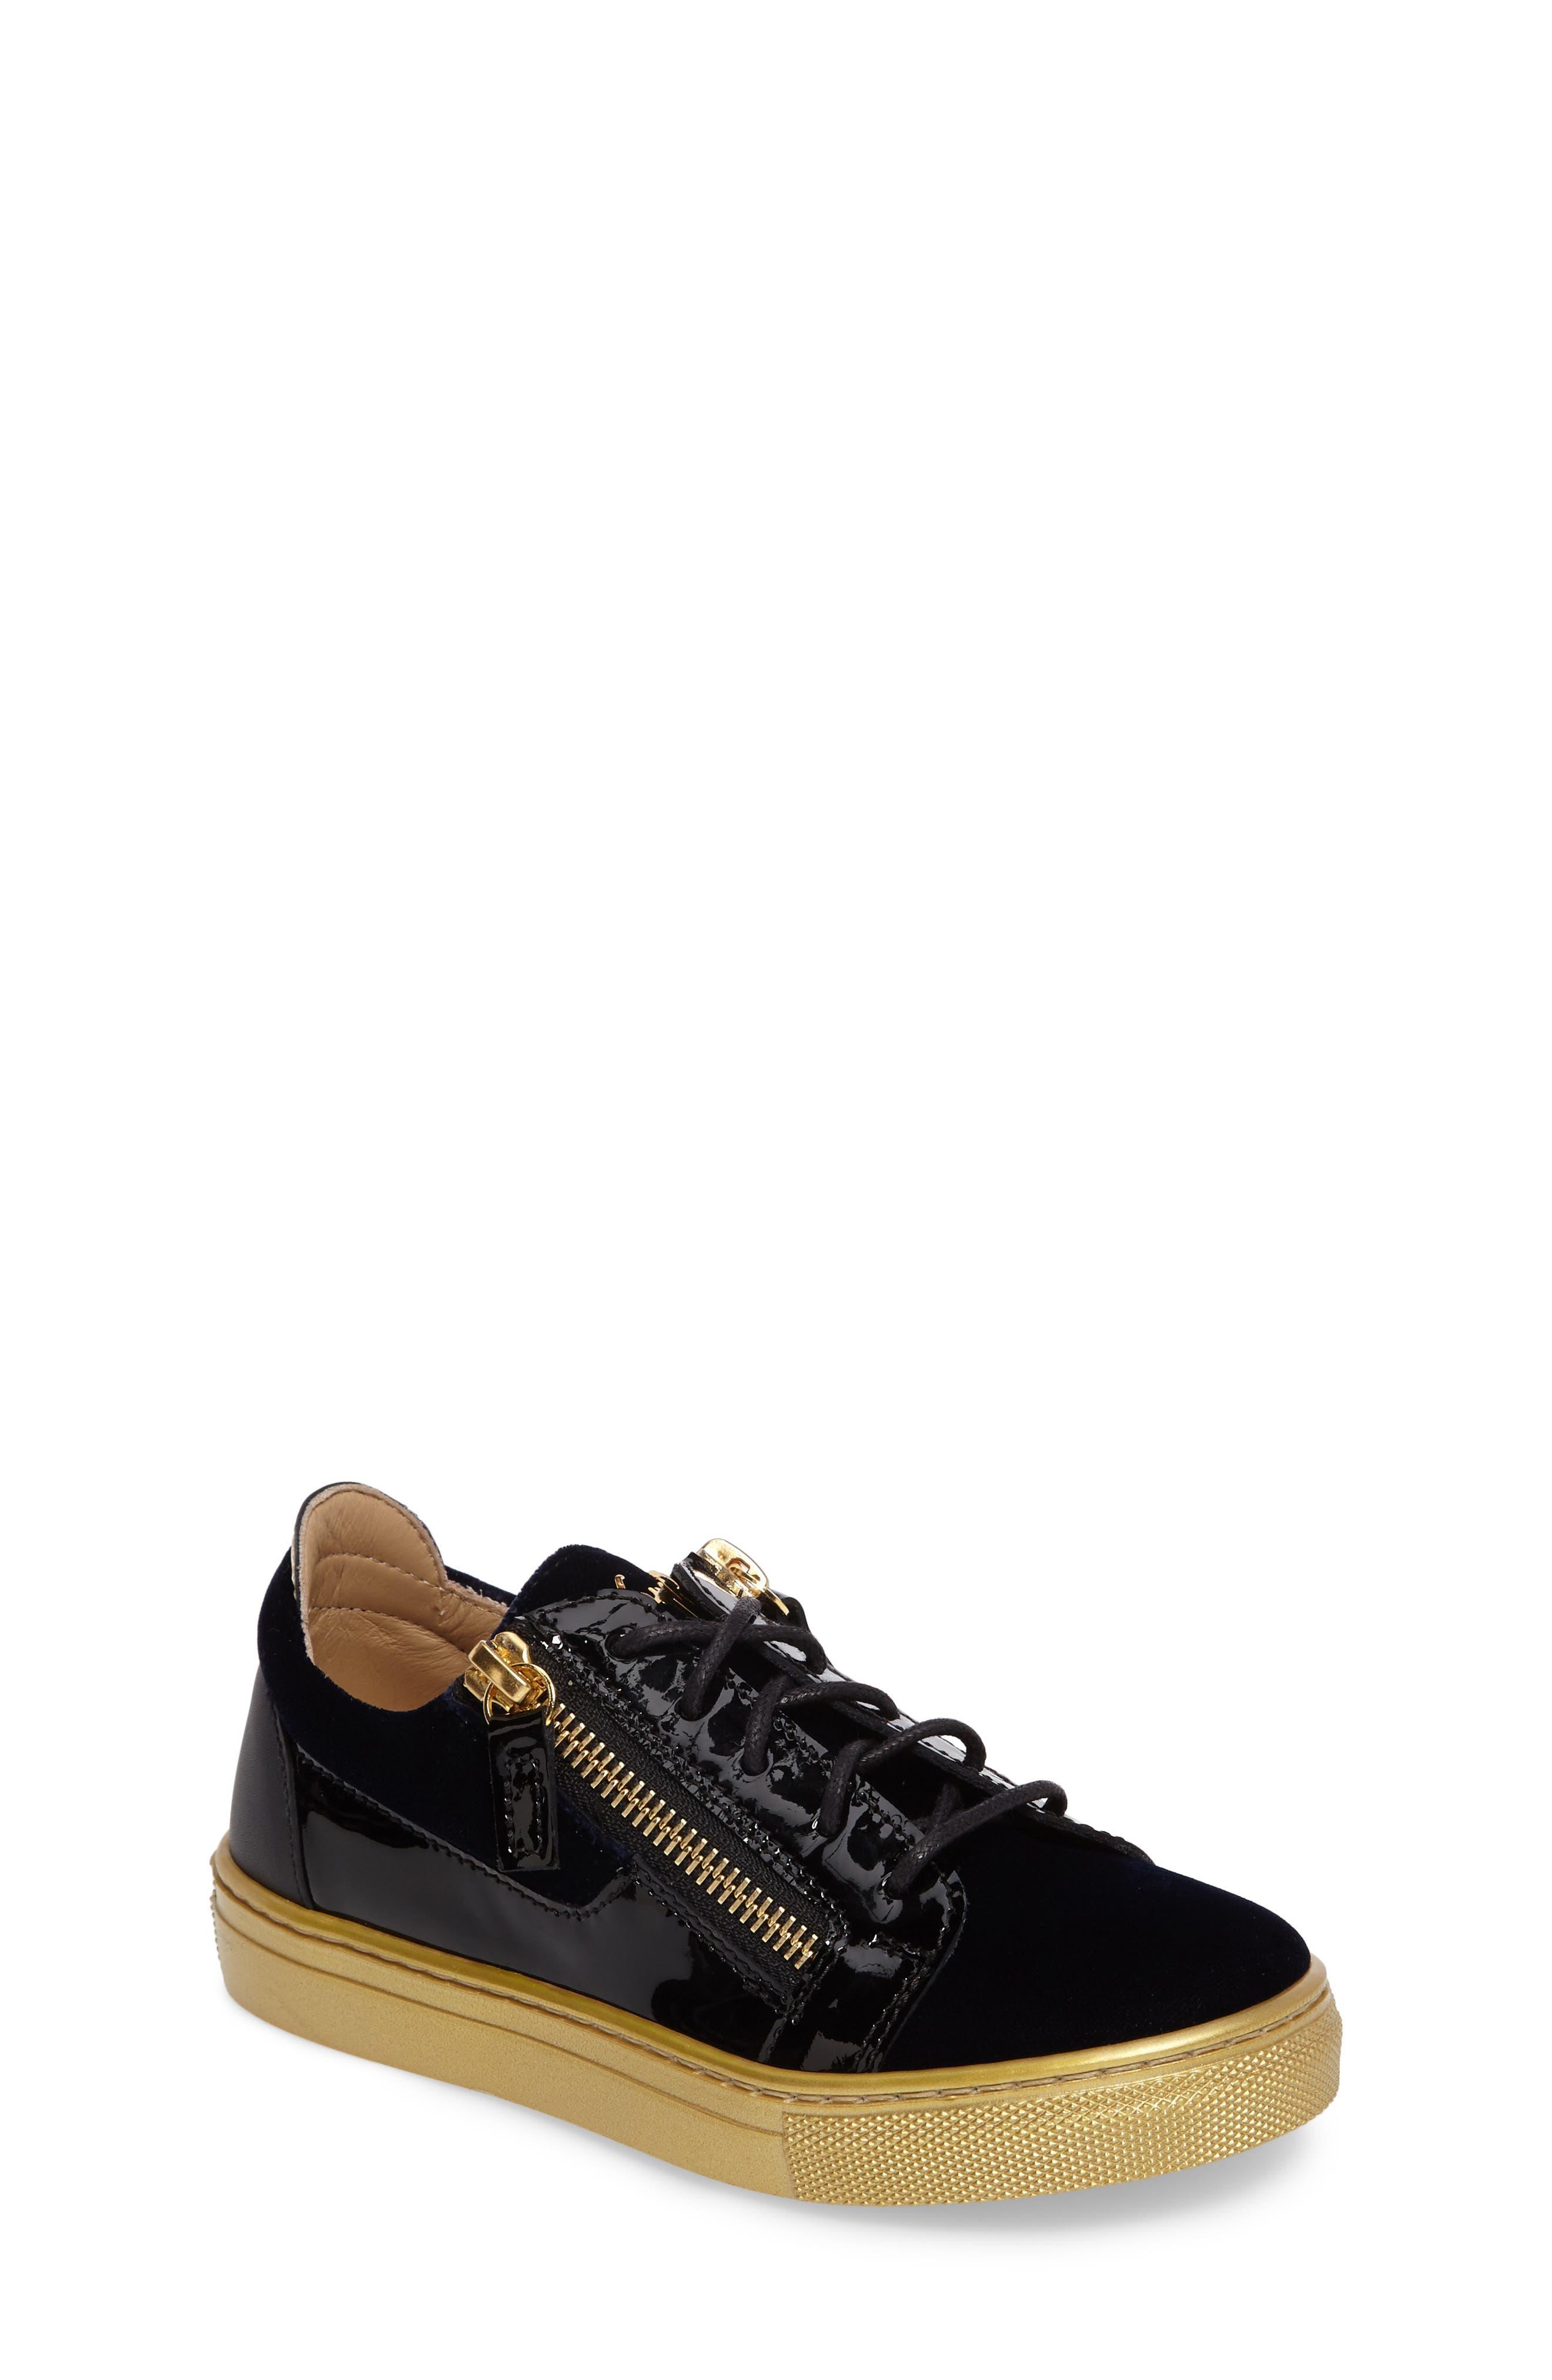 Giuseppe Zanotti London Sneaker (Toddler & Little Kid)